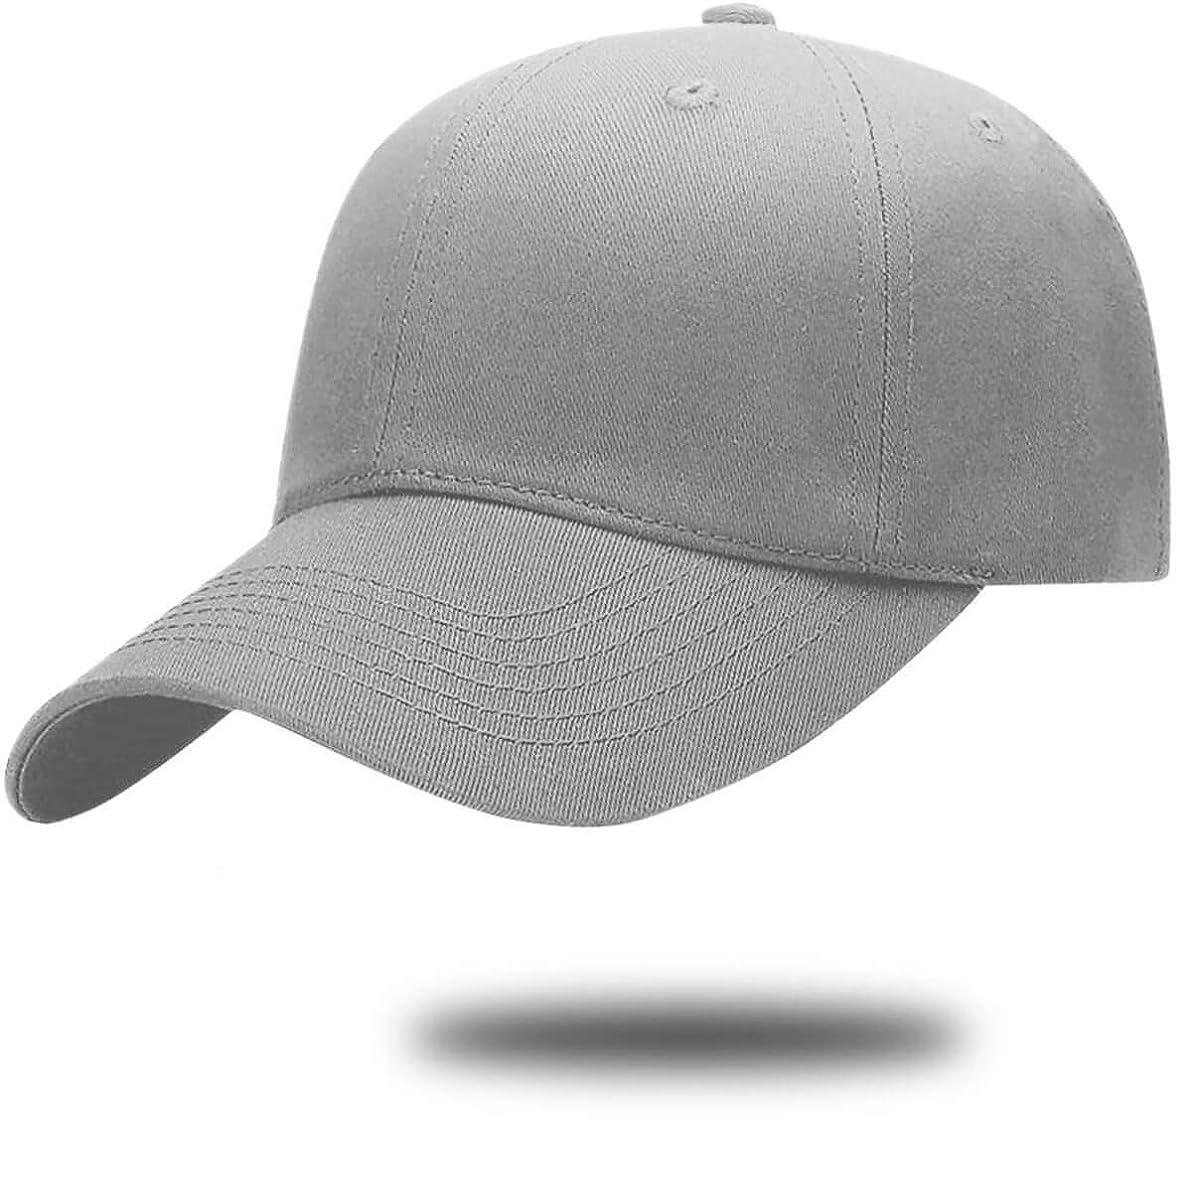 トロピカル結晶洪水キャップ メンズ 無地 帽子 ゴルフ 日除け 紫外線UVカット シンプル 野球帽子 ベースボールキャップ レディース アウトドアスポーツキャップ 夏 秋 釣りランニング 運転 旅行 通気 調整可能 男女兼用